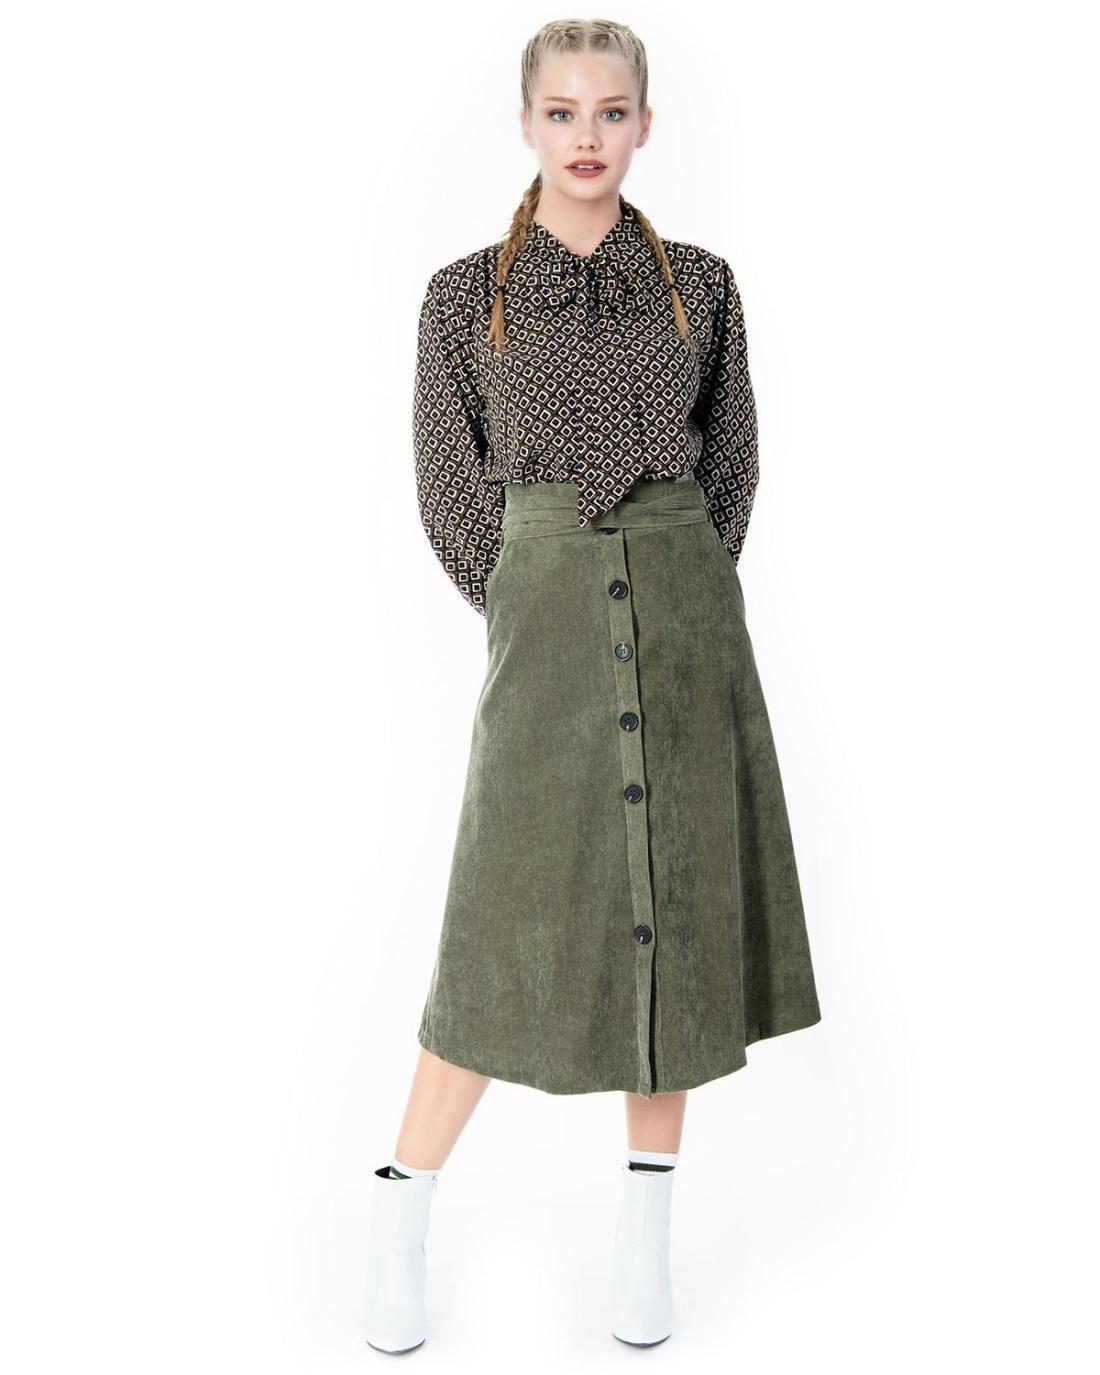 Khaki skirt